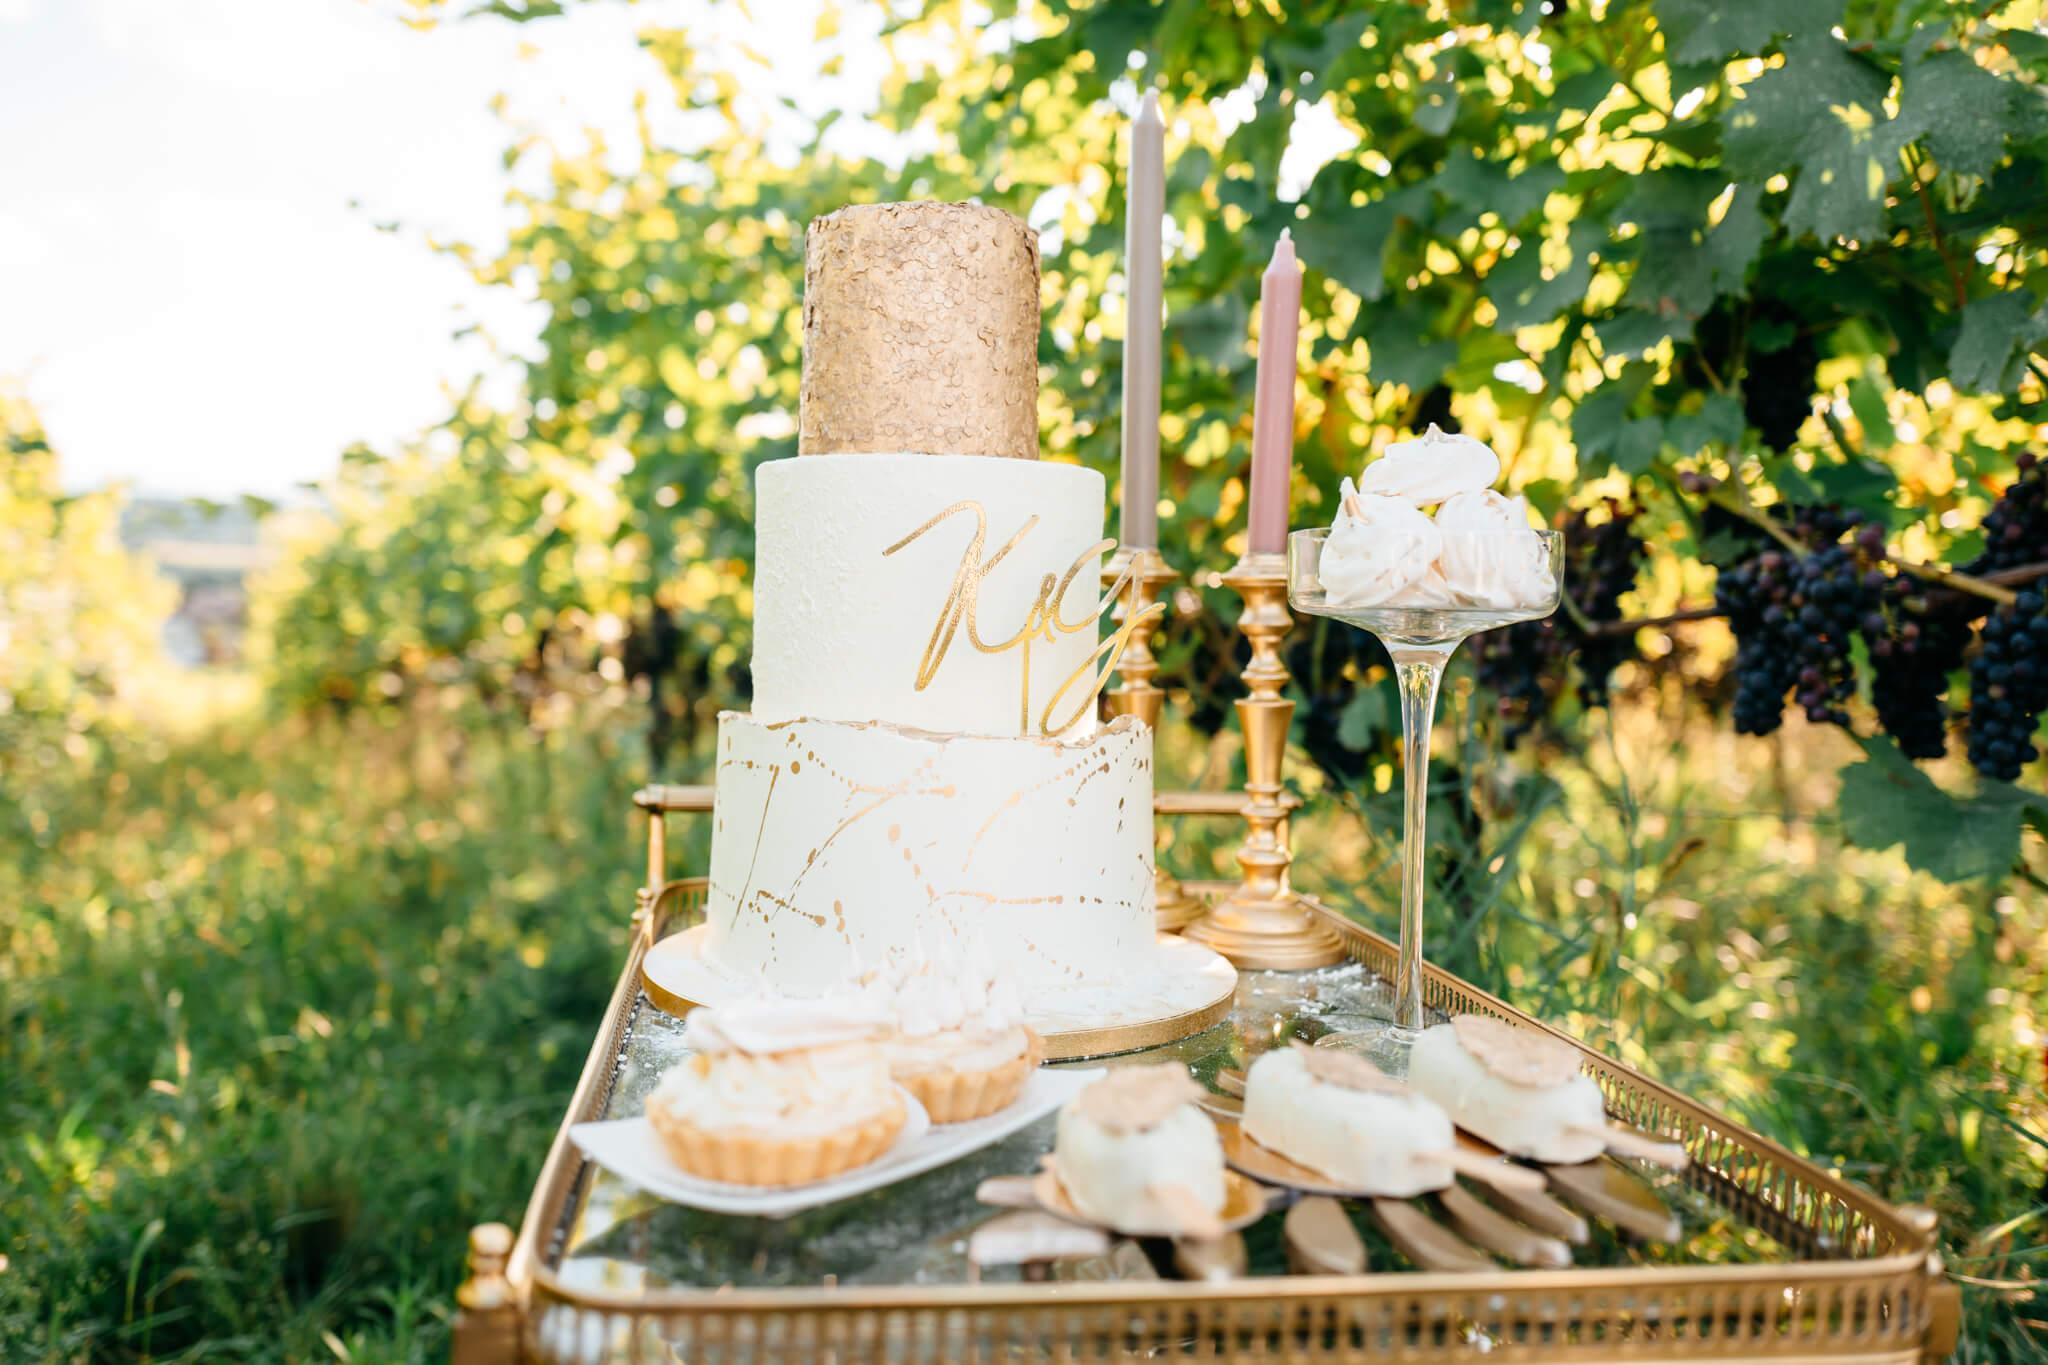 Słodki stół - wypieki na wesele, śluby, komunie - lody